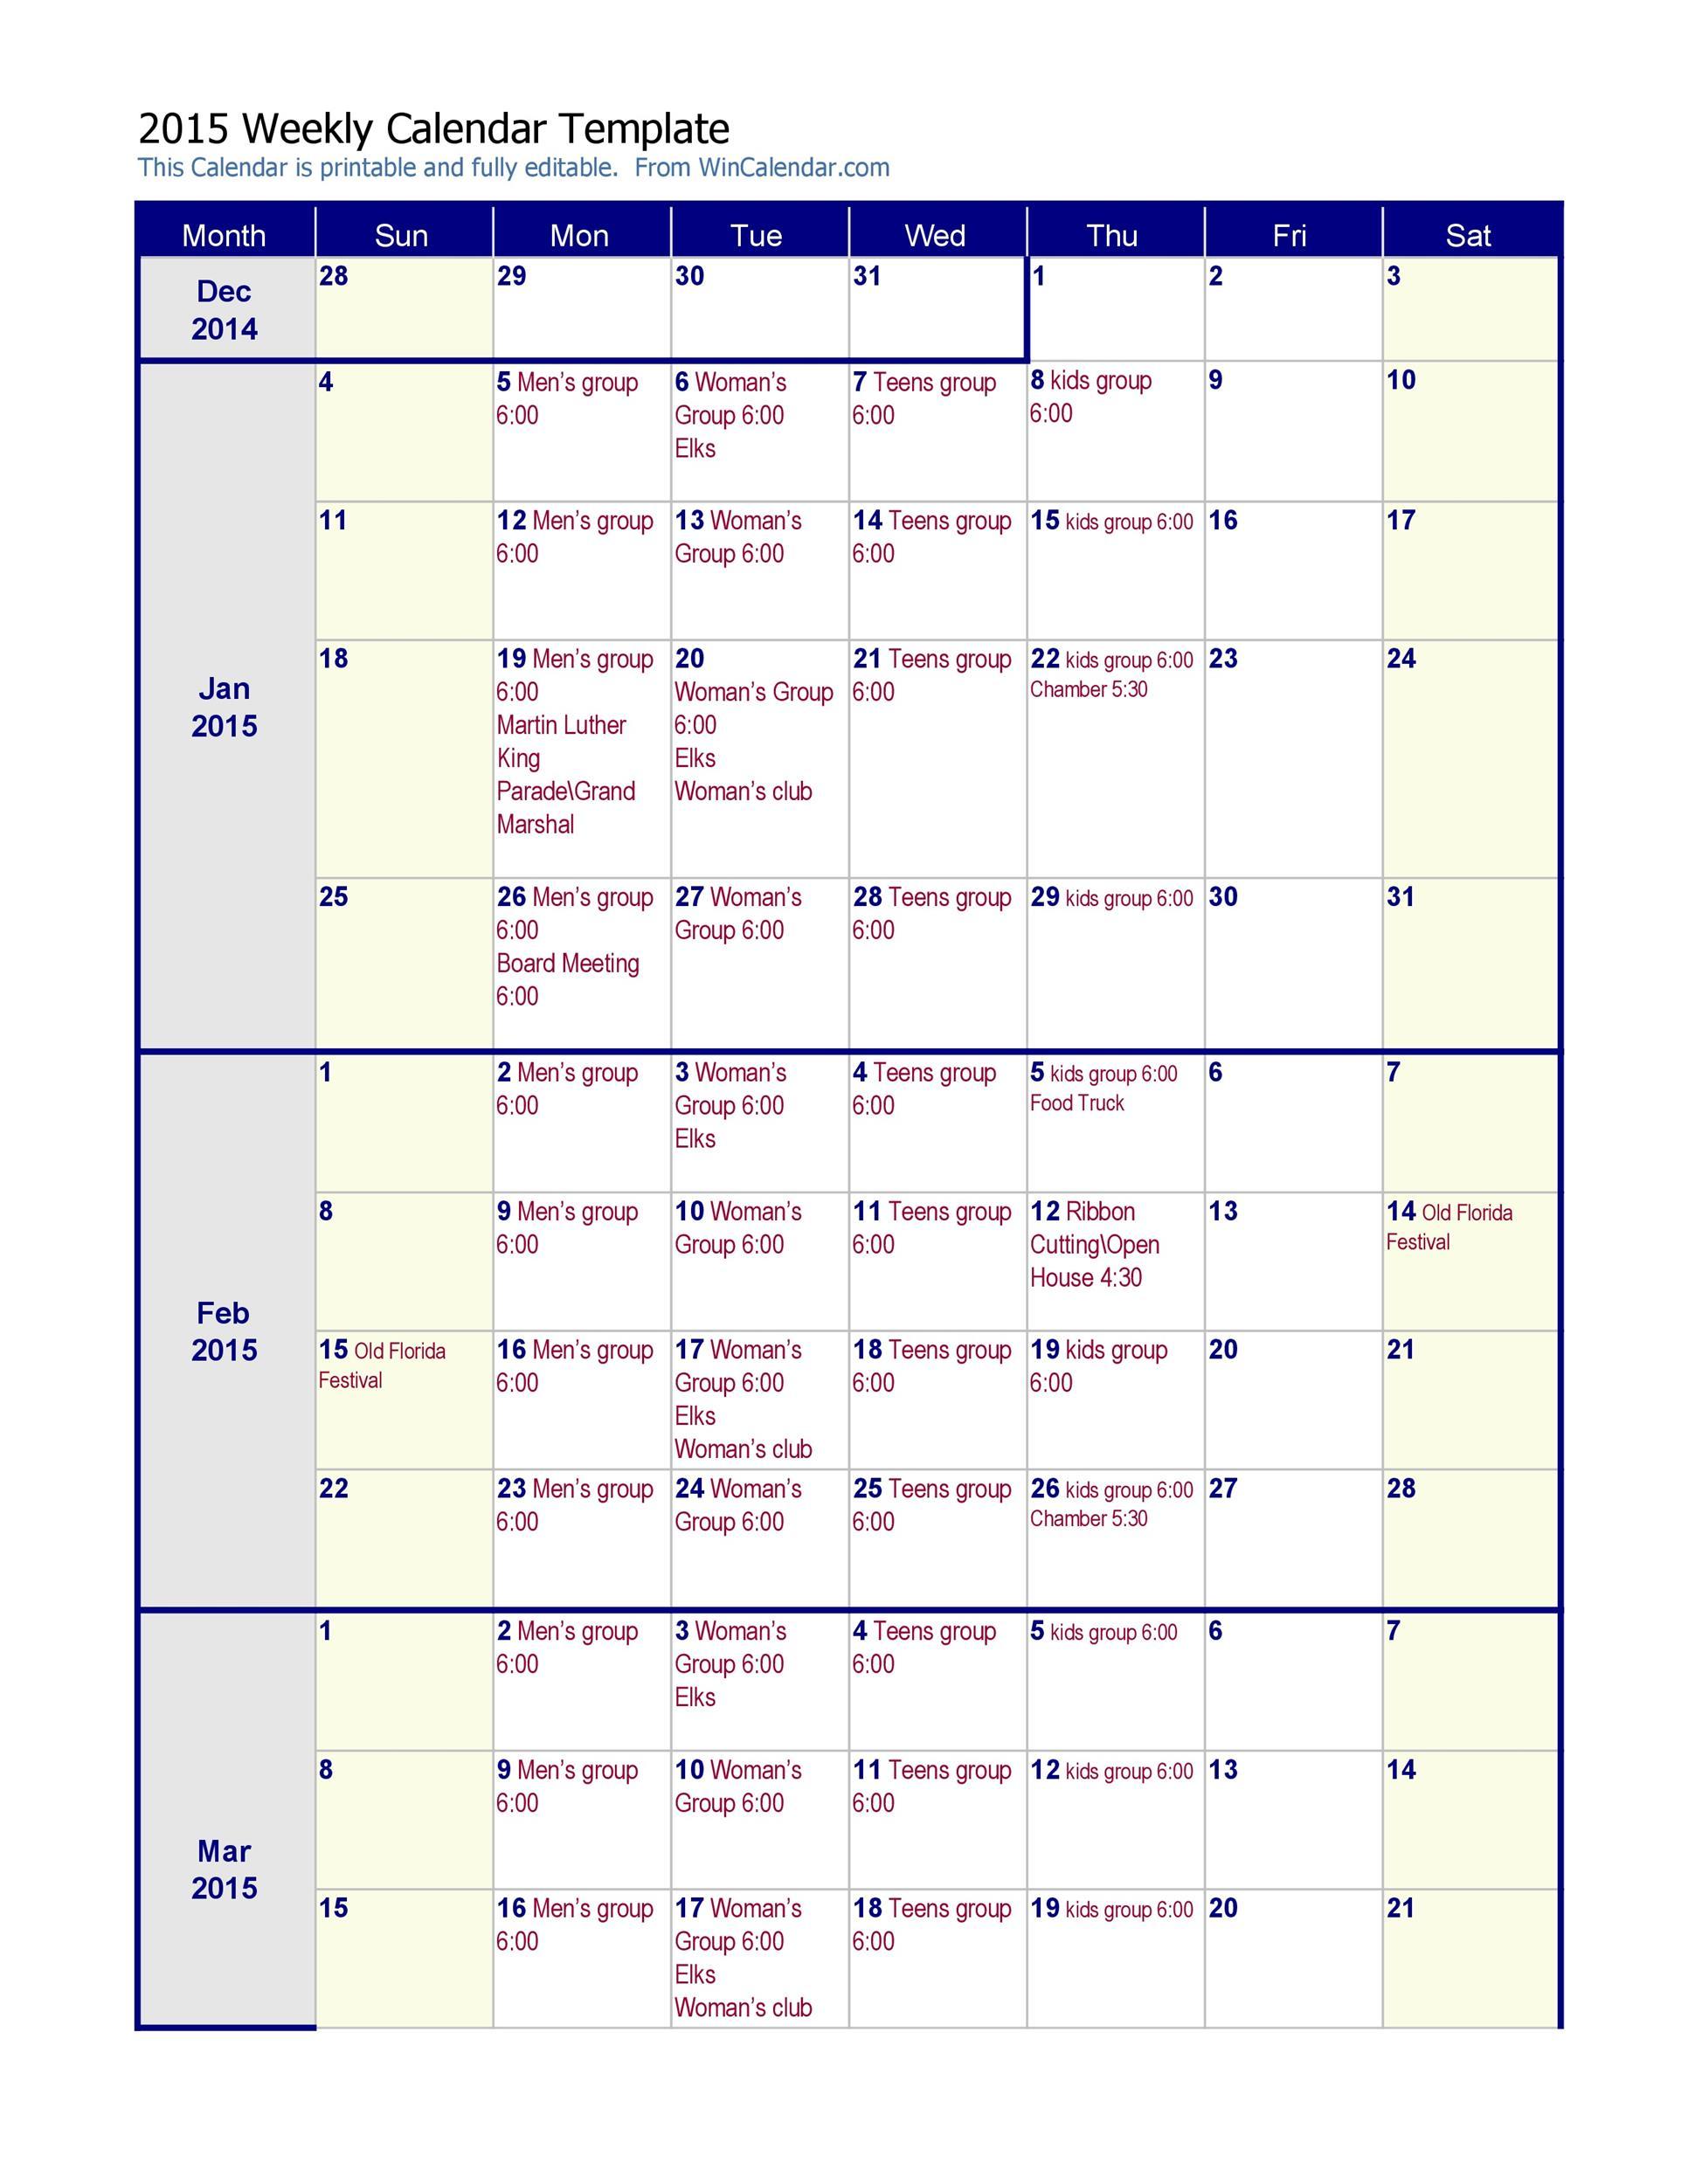 Free weekly calendar template 23